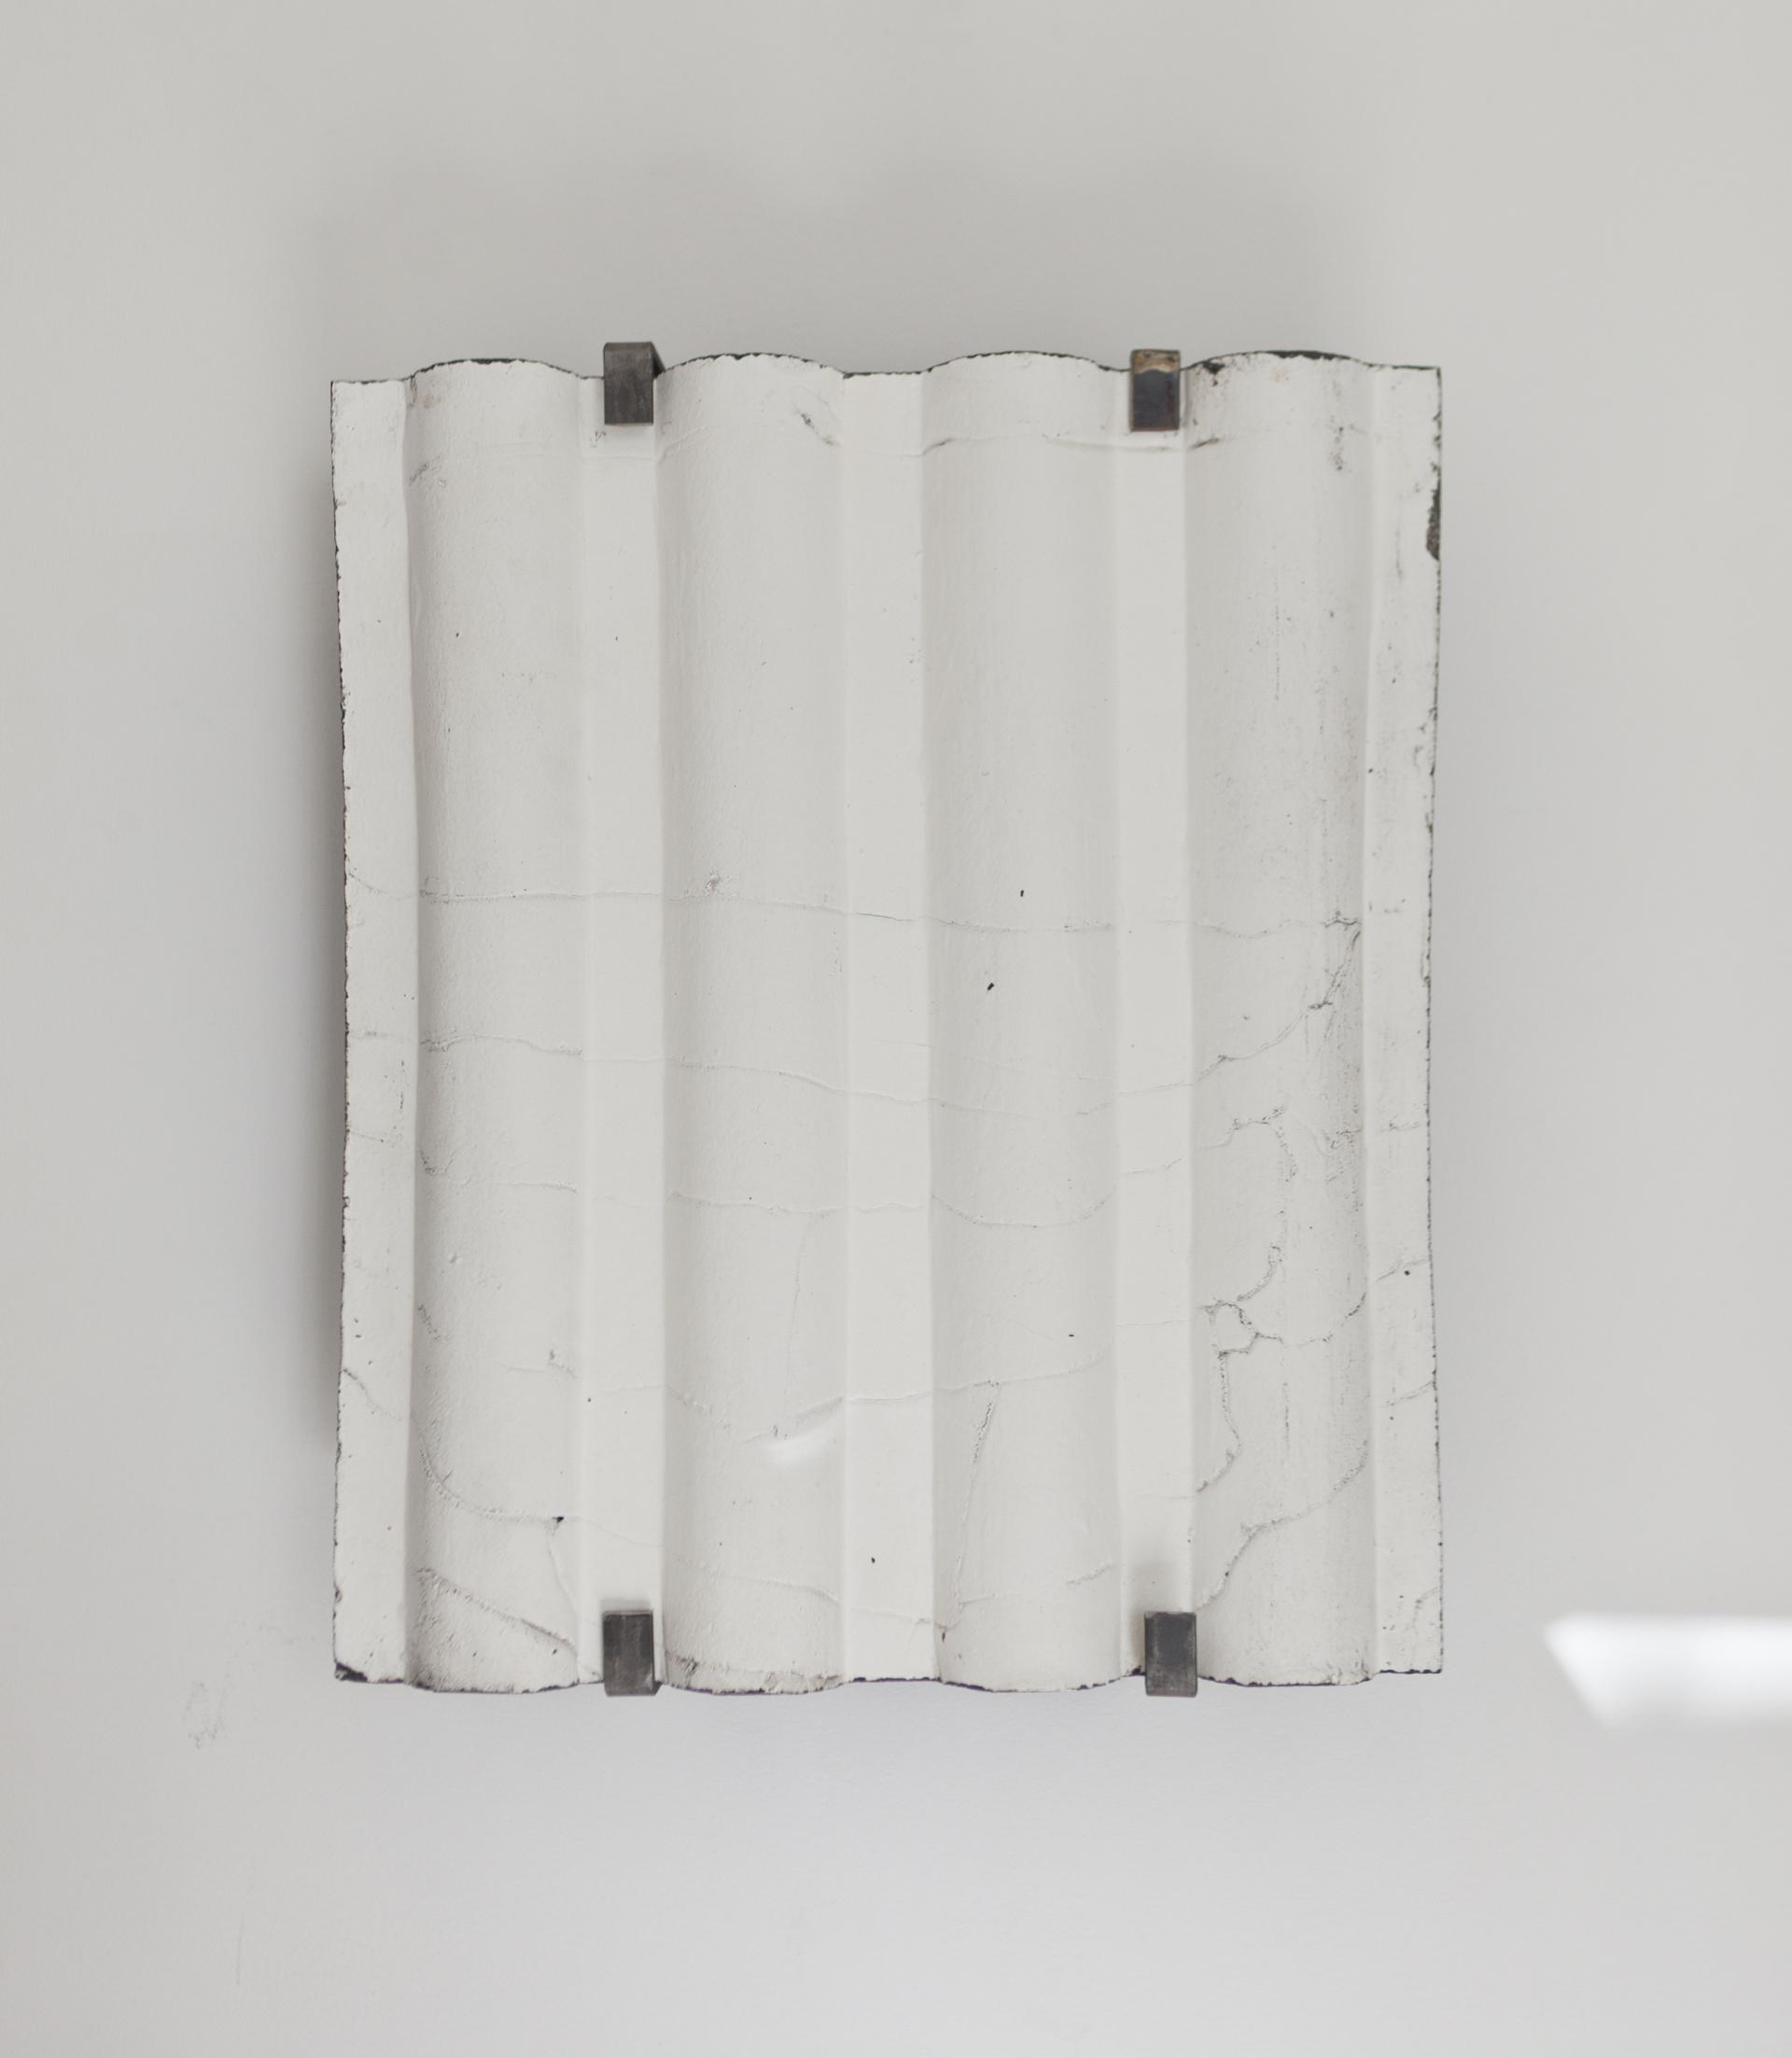 S./T. Gres, negro, caolín y estructura de hierro. 54x45x17 cm. 2020